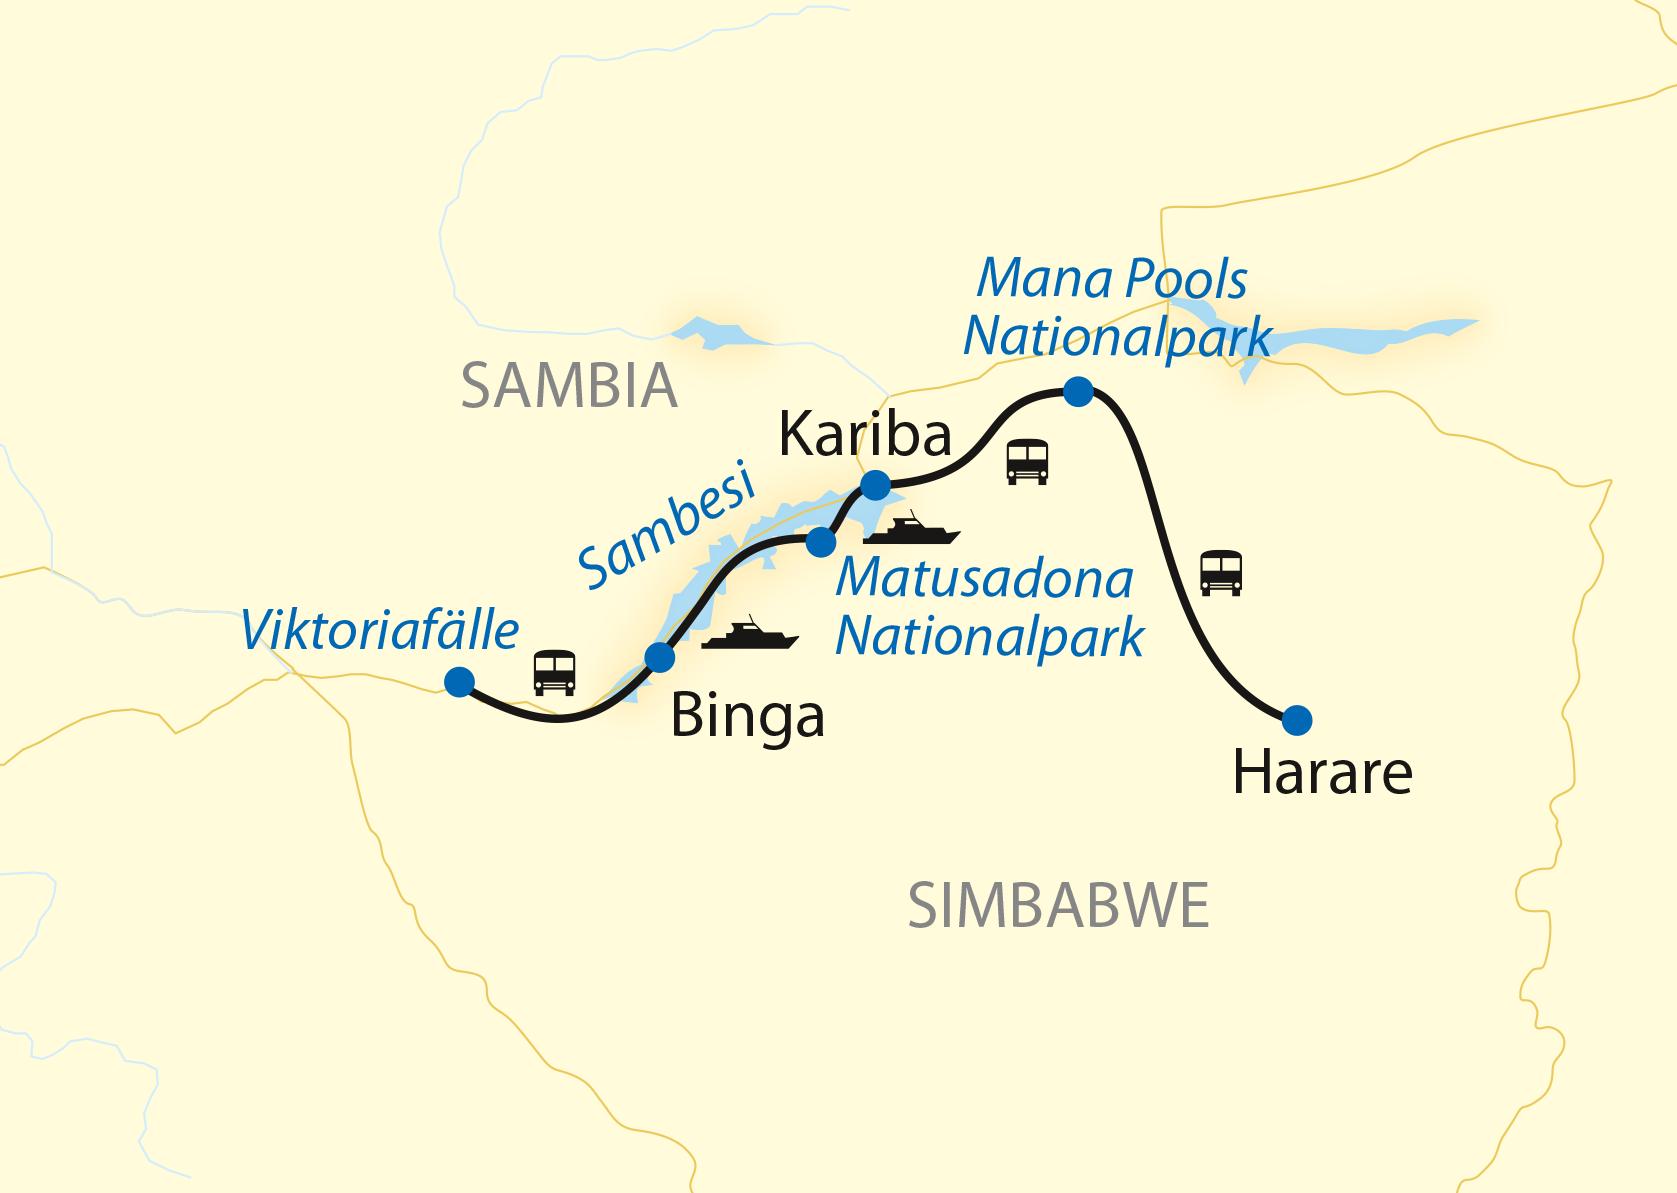 Reie in Sambia in Afrika. Landkarte mit Route einer Hausboot Safari in Sambia und Simbabwe